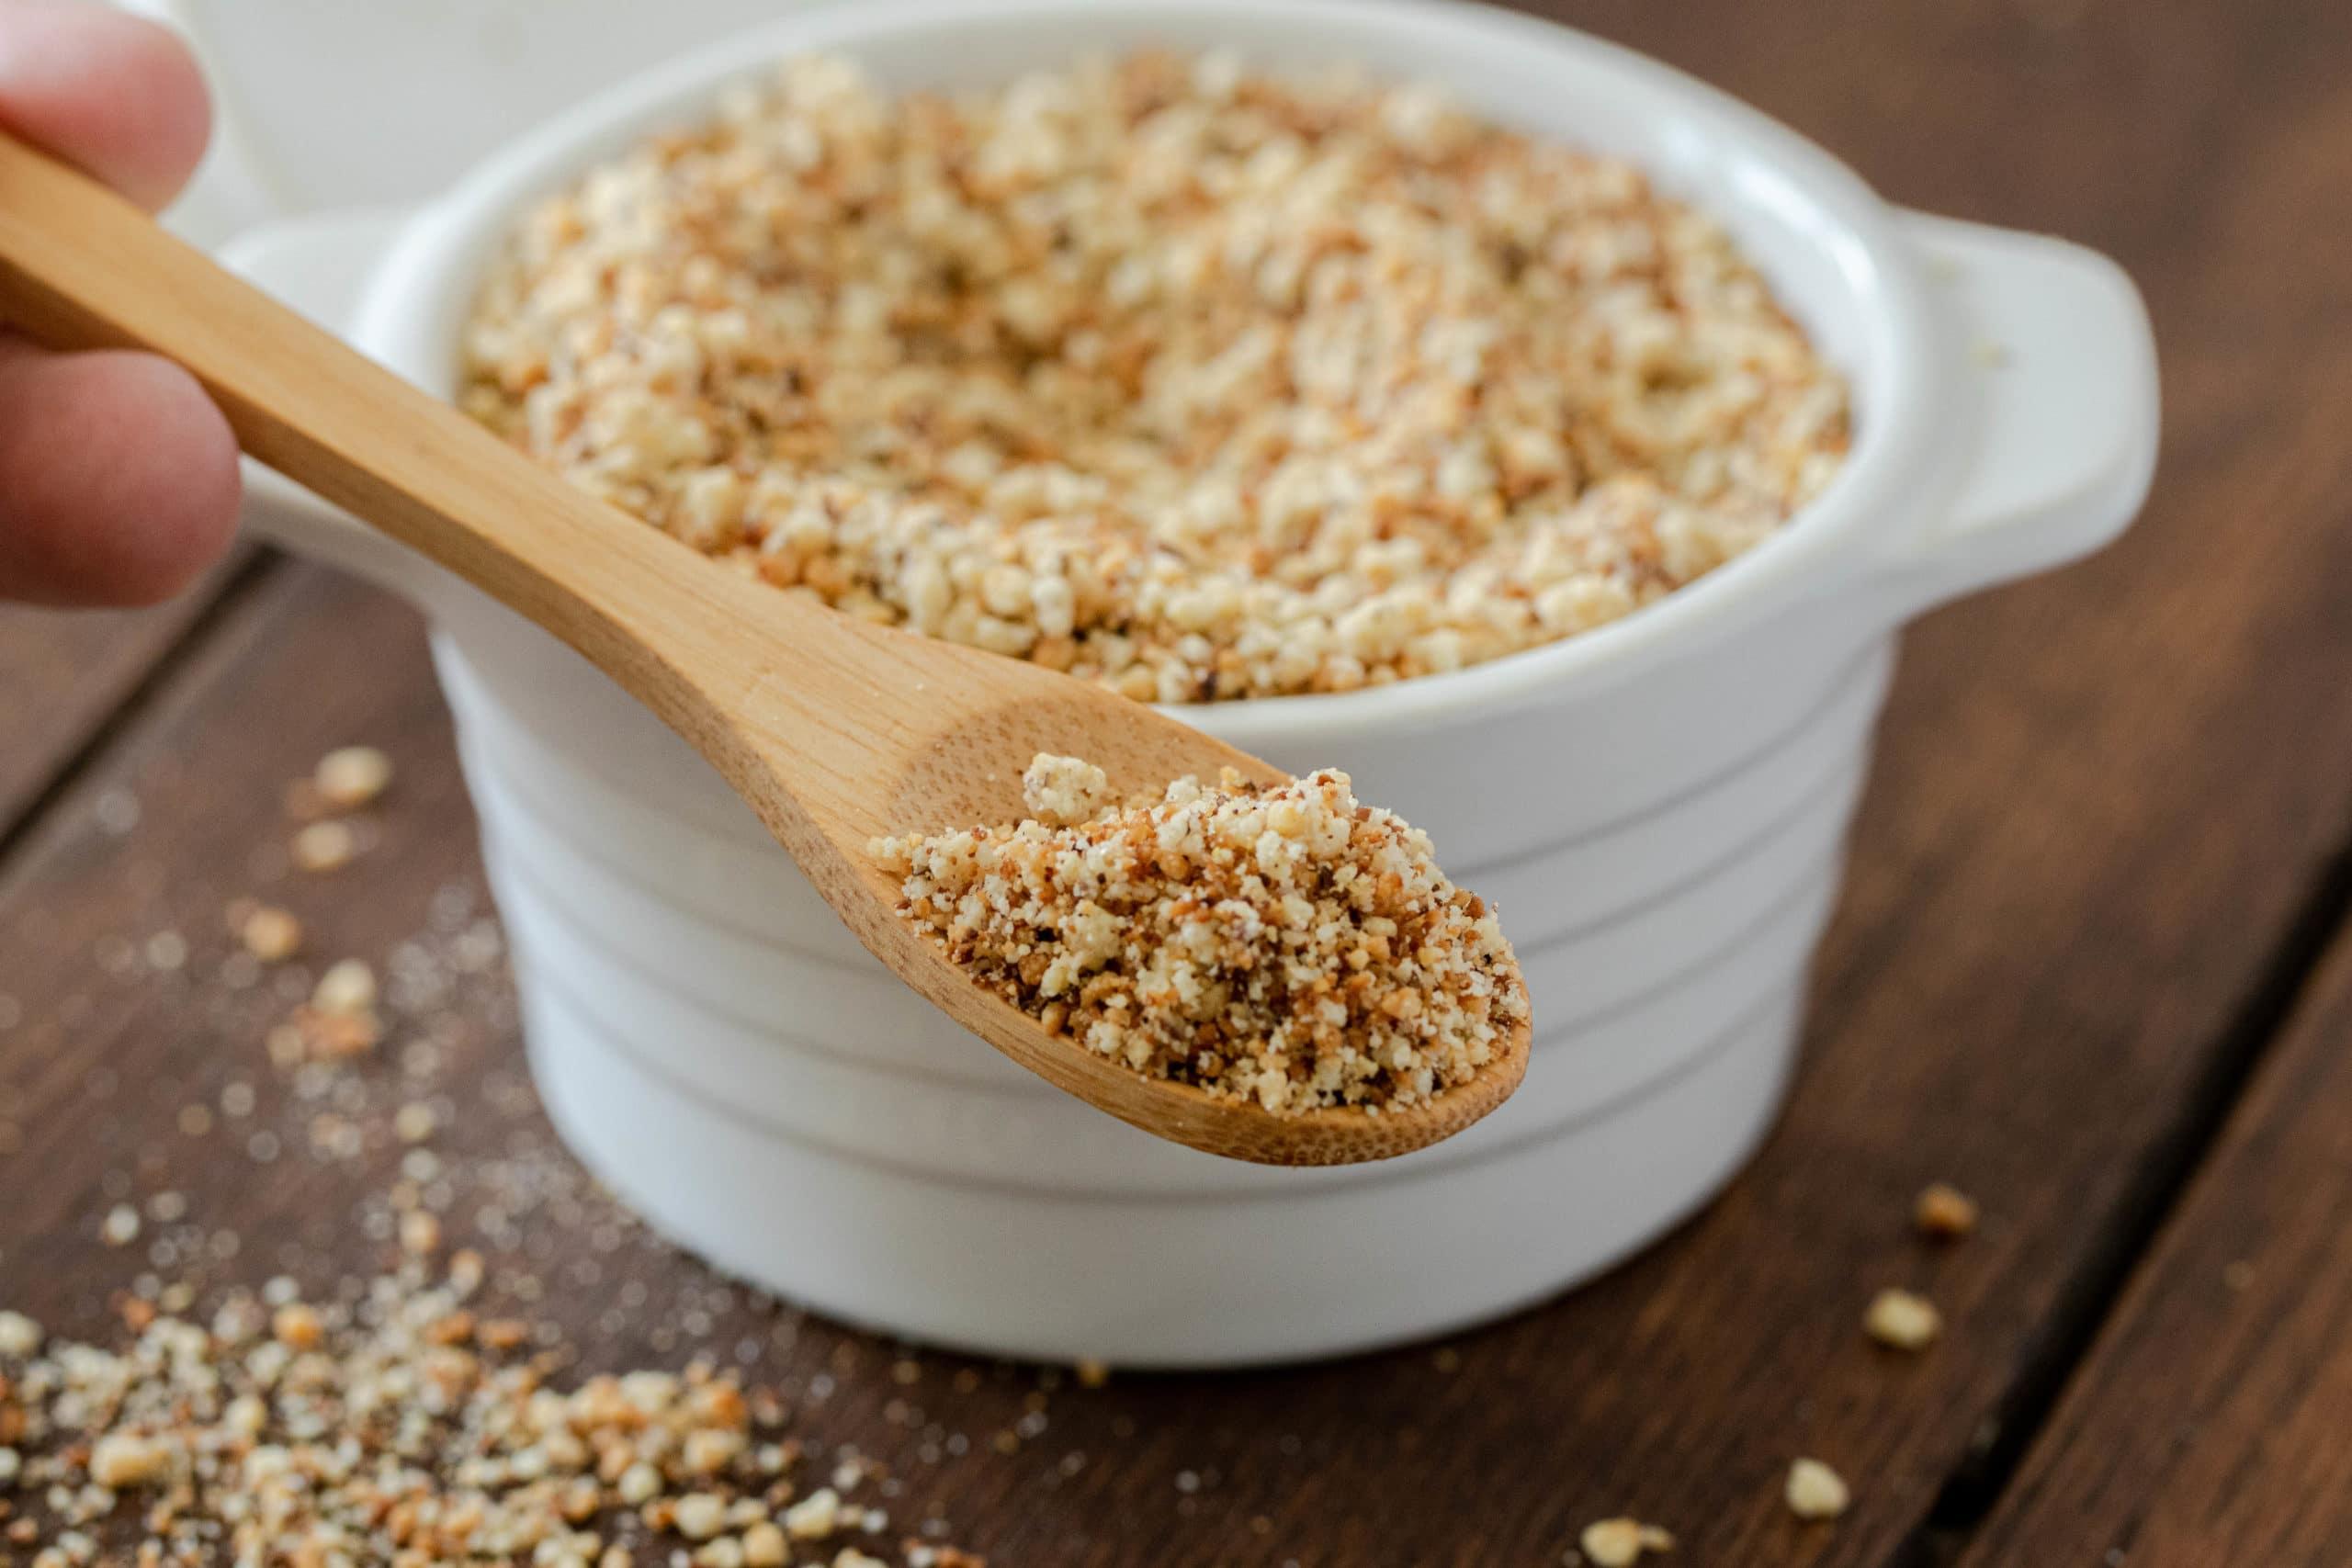 Seasoned gluten free bread crumbs for keto breading.